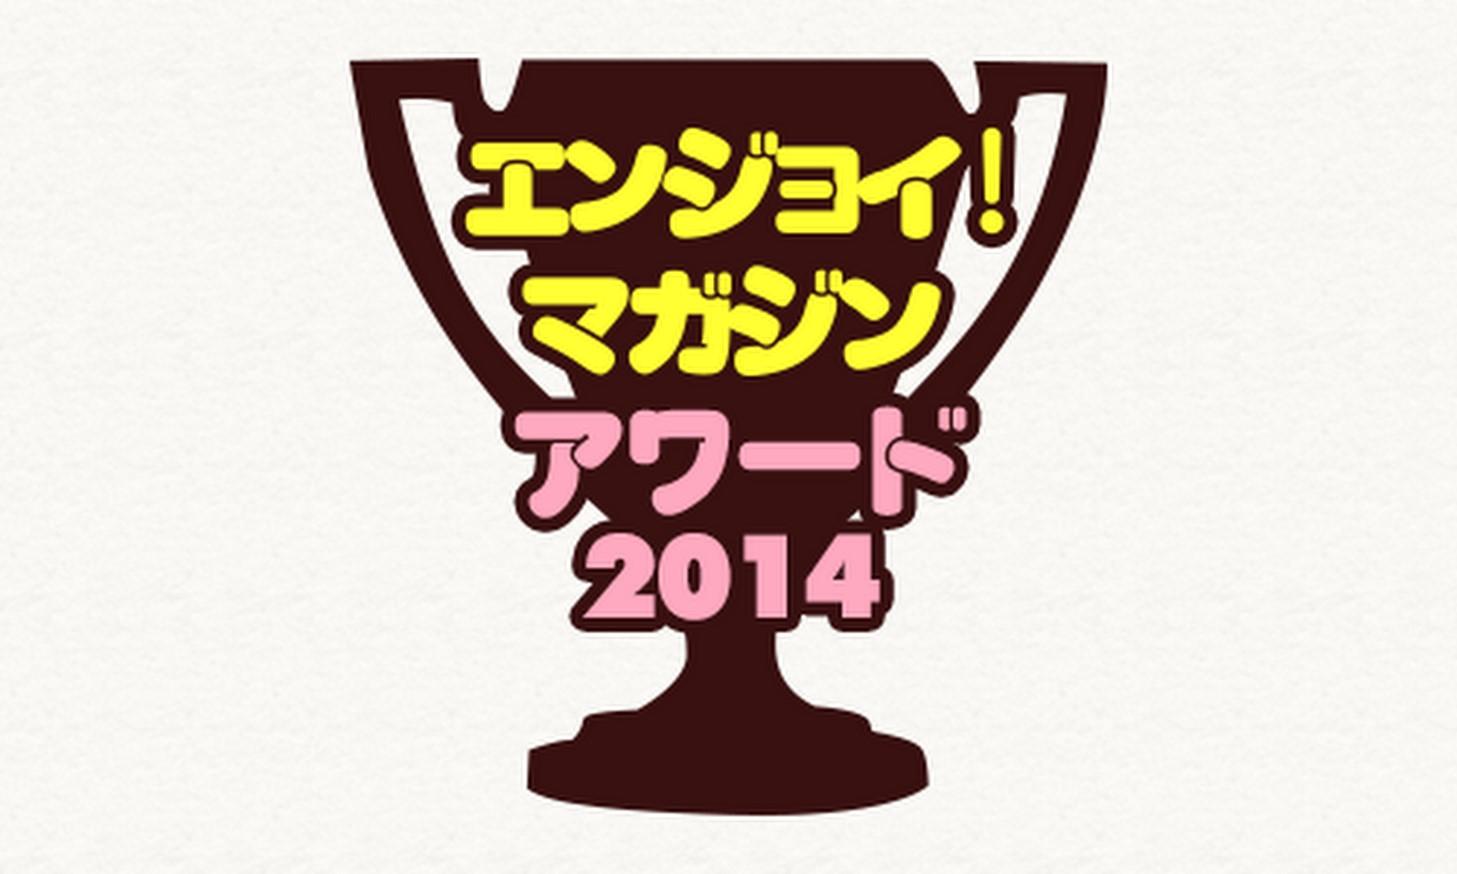 ライター&編集部が選ぶ「エンジョイ!マガジンアワード2014」